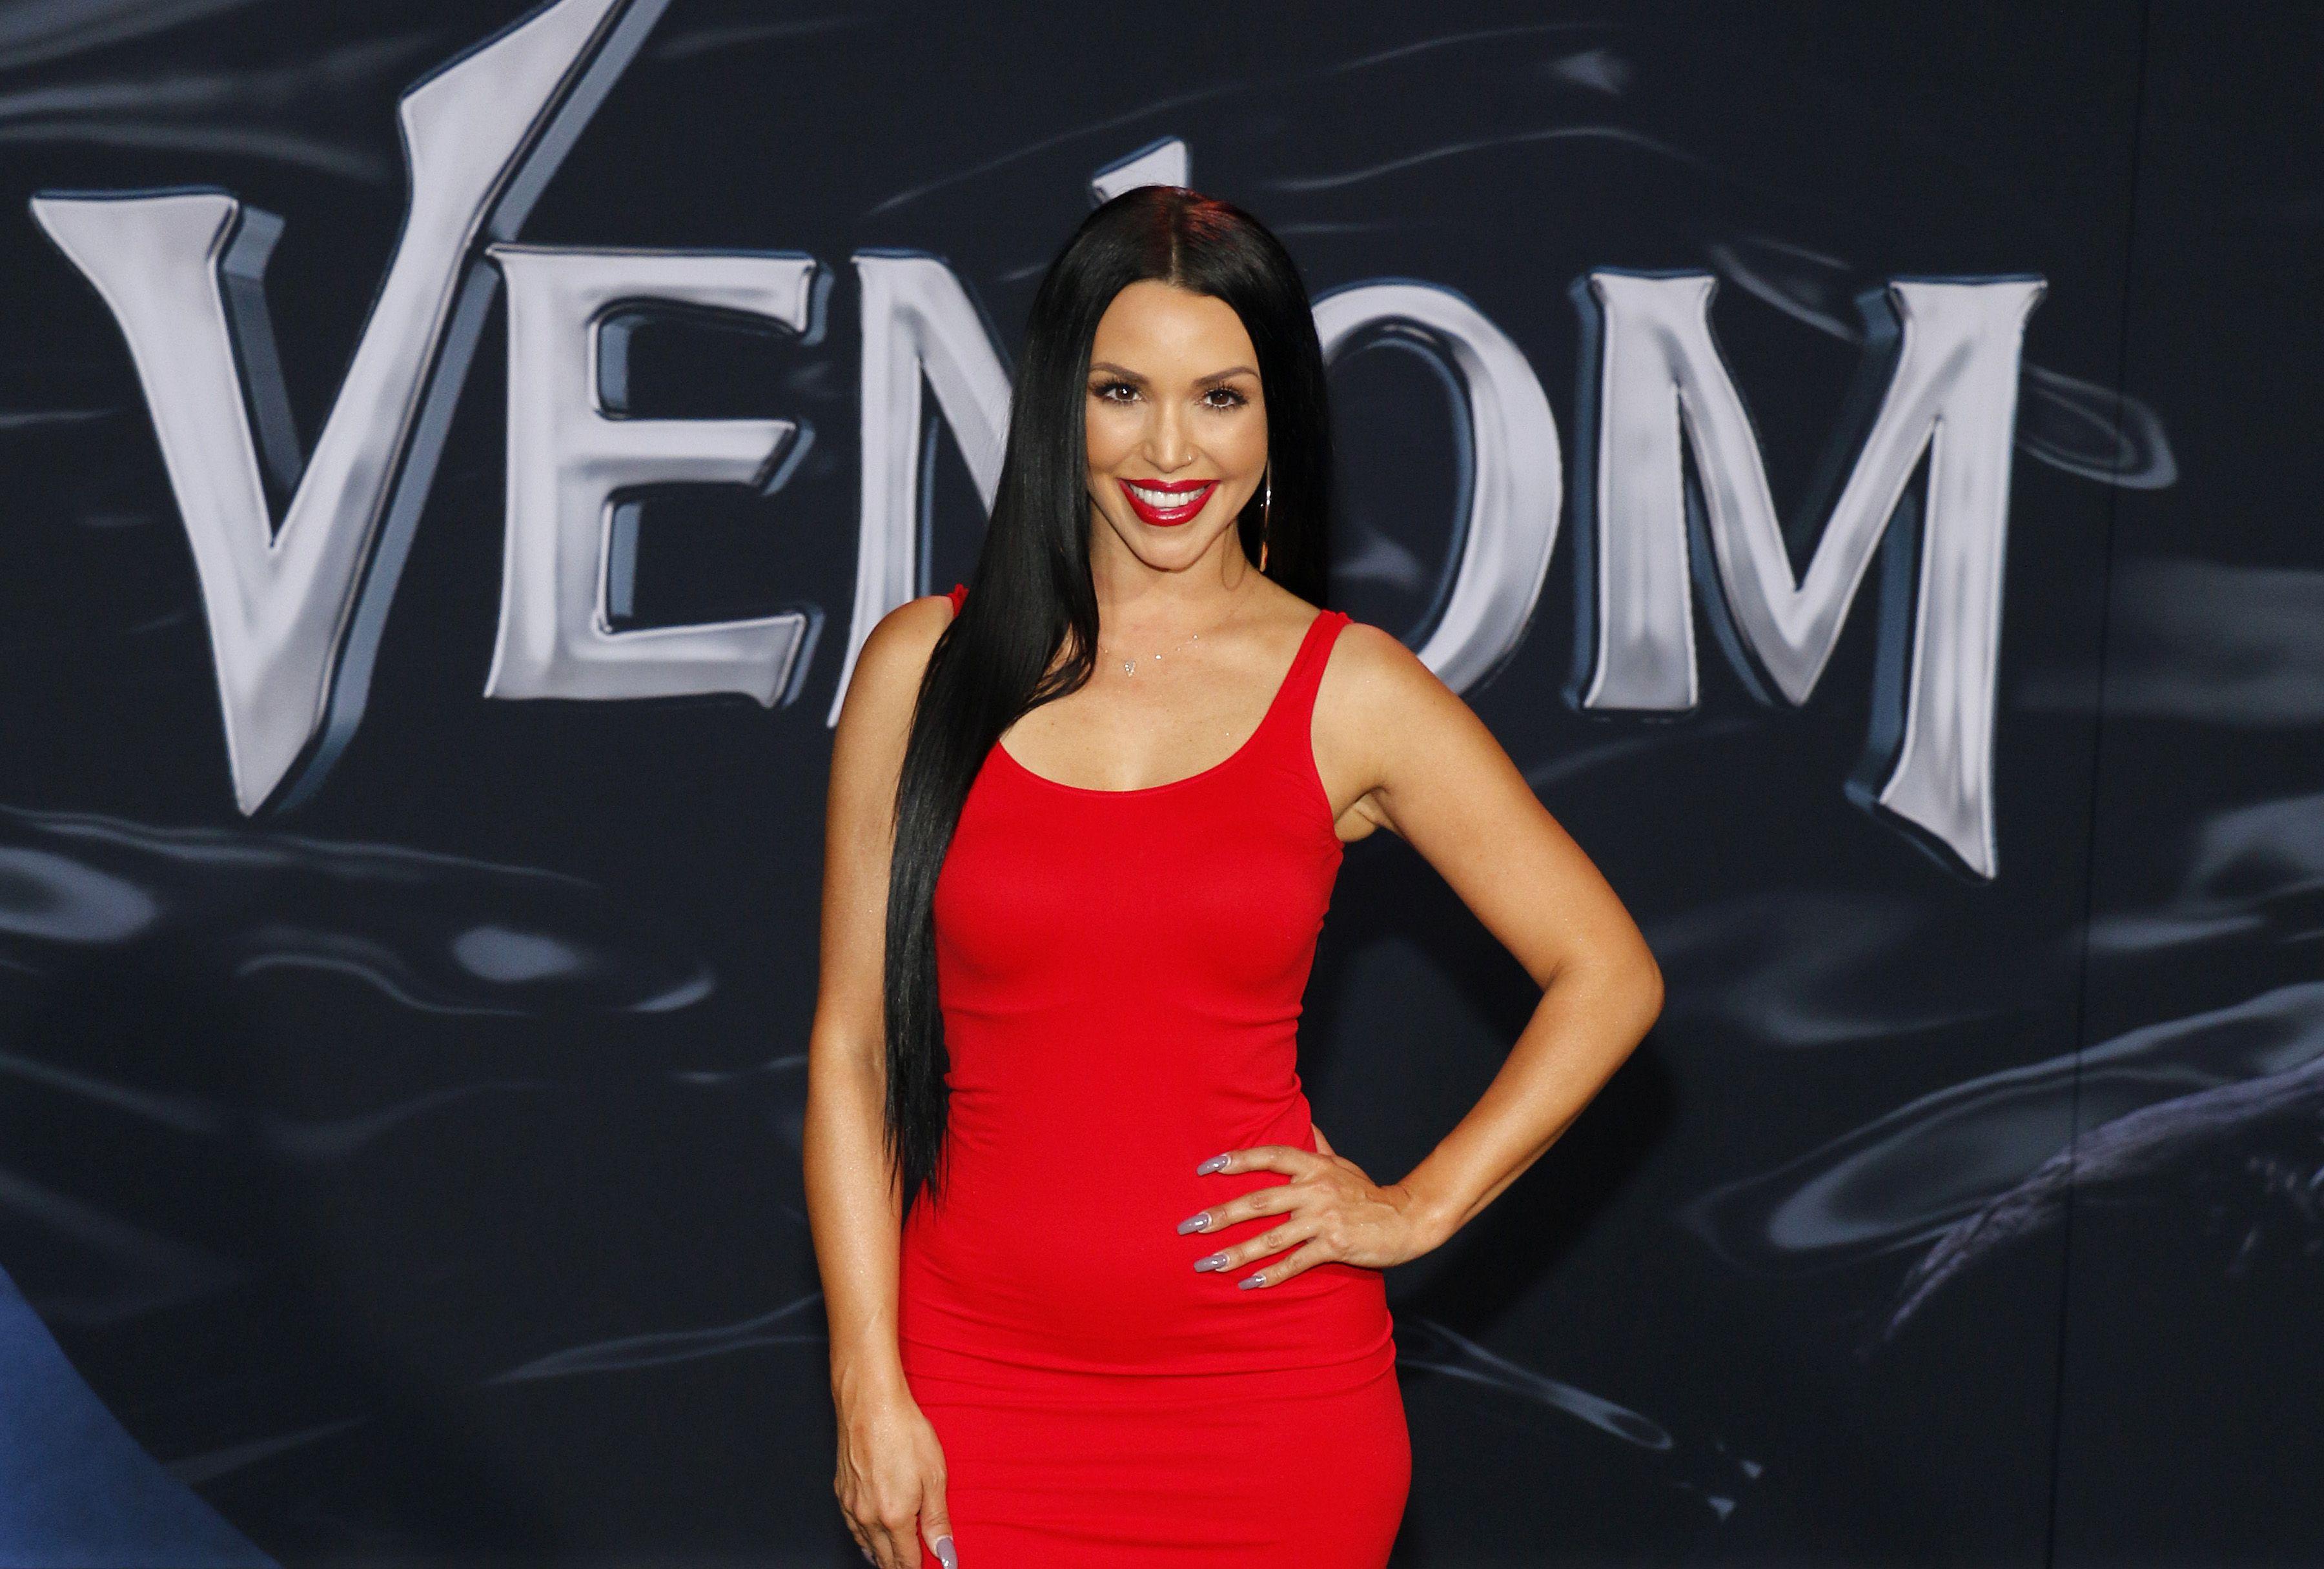 Scheana Shay wears a red dress.